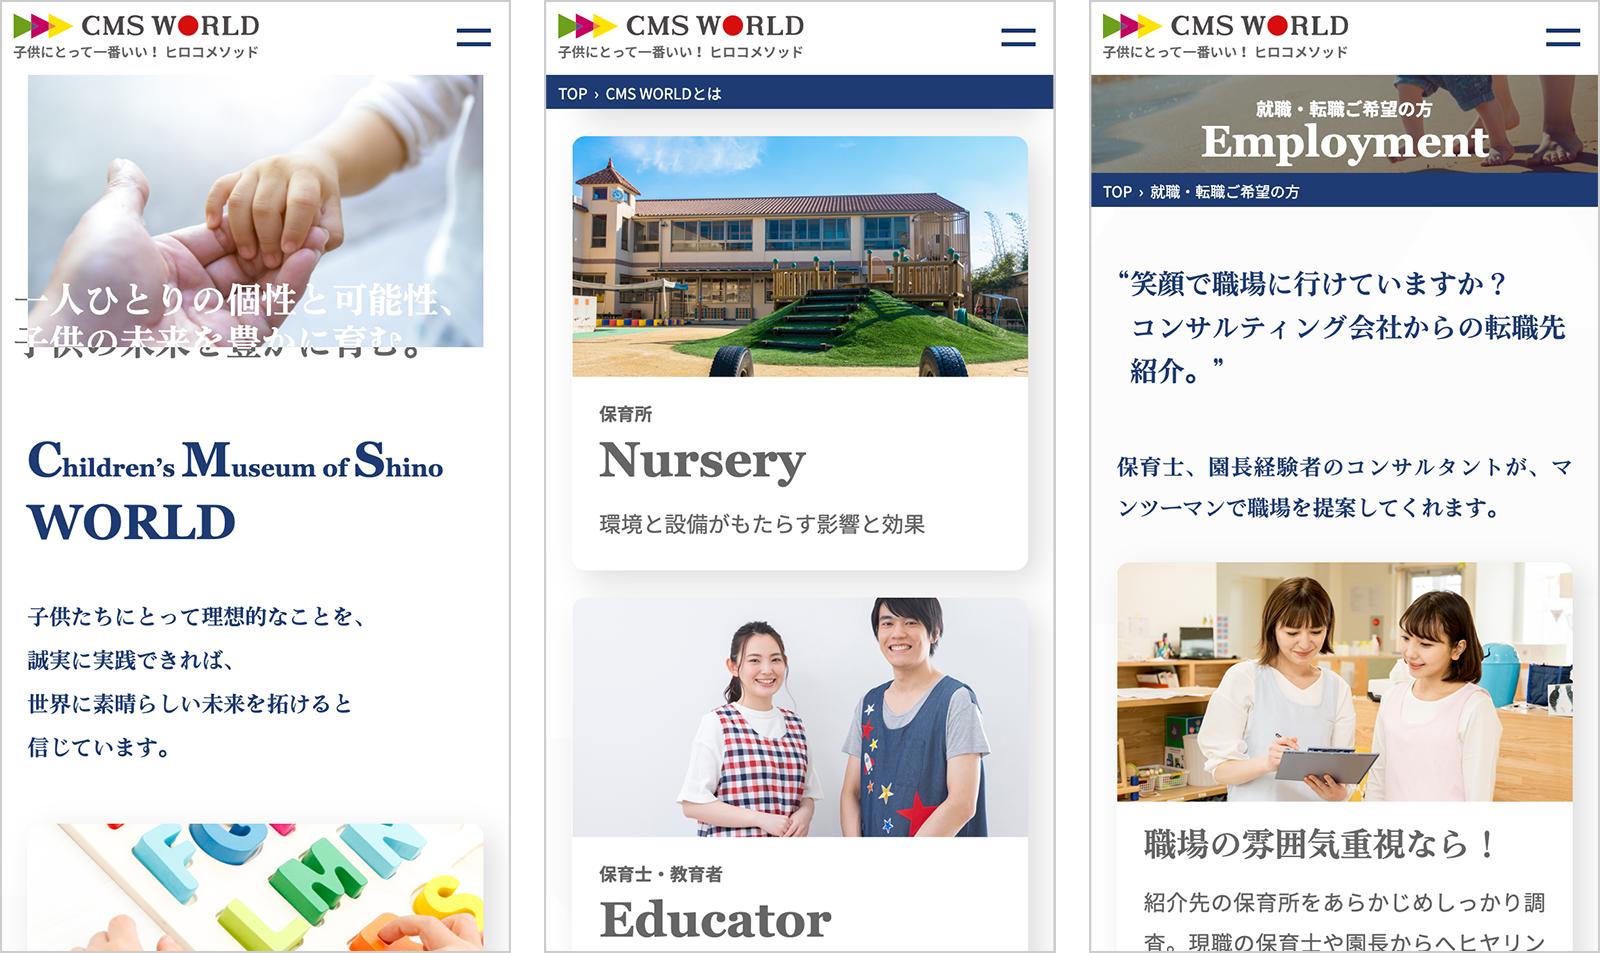 CMS WORLD企業サイト スマートフォン版